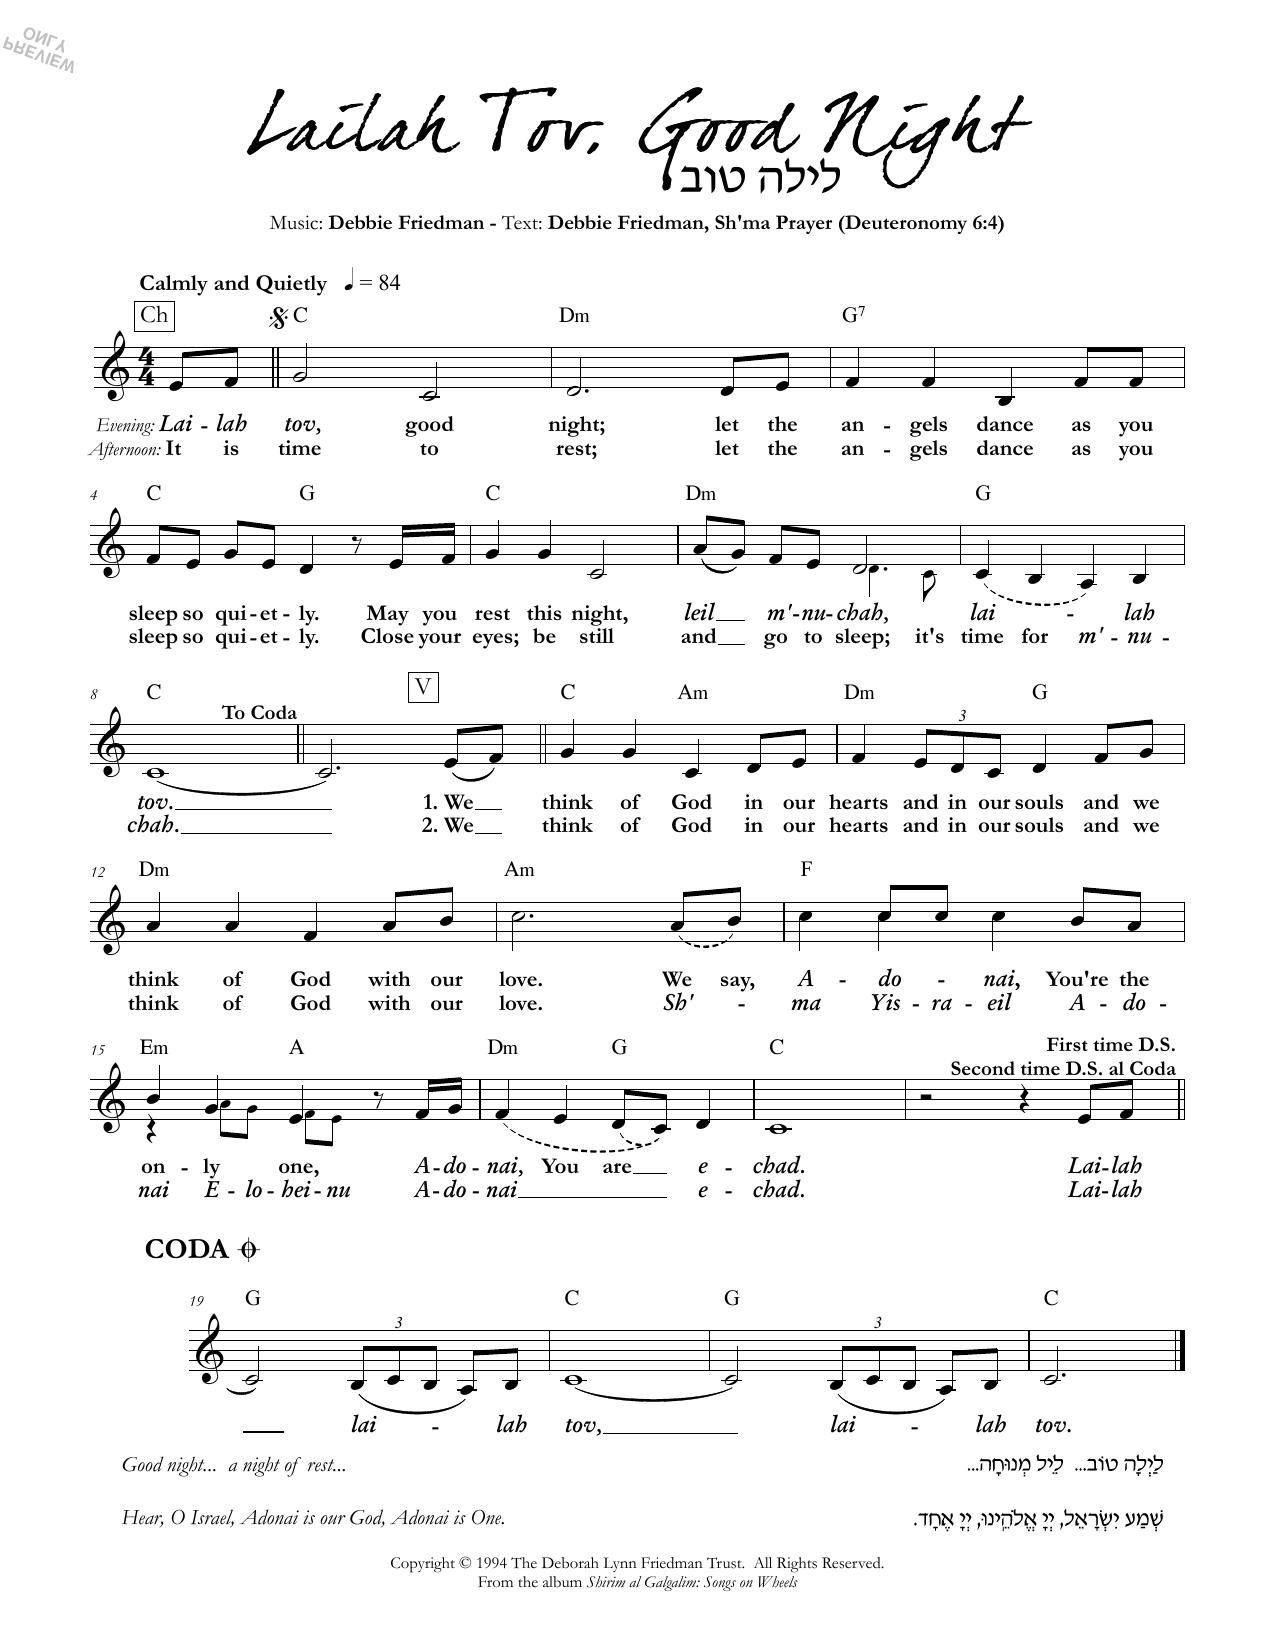 Lailah Tov, Good Night Sheet Music